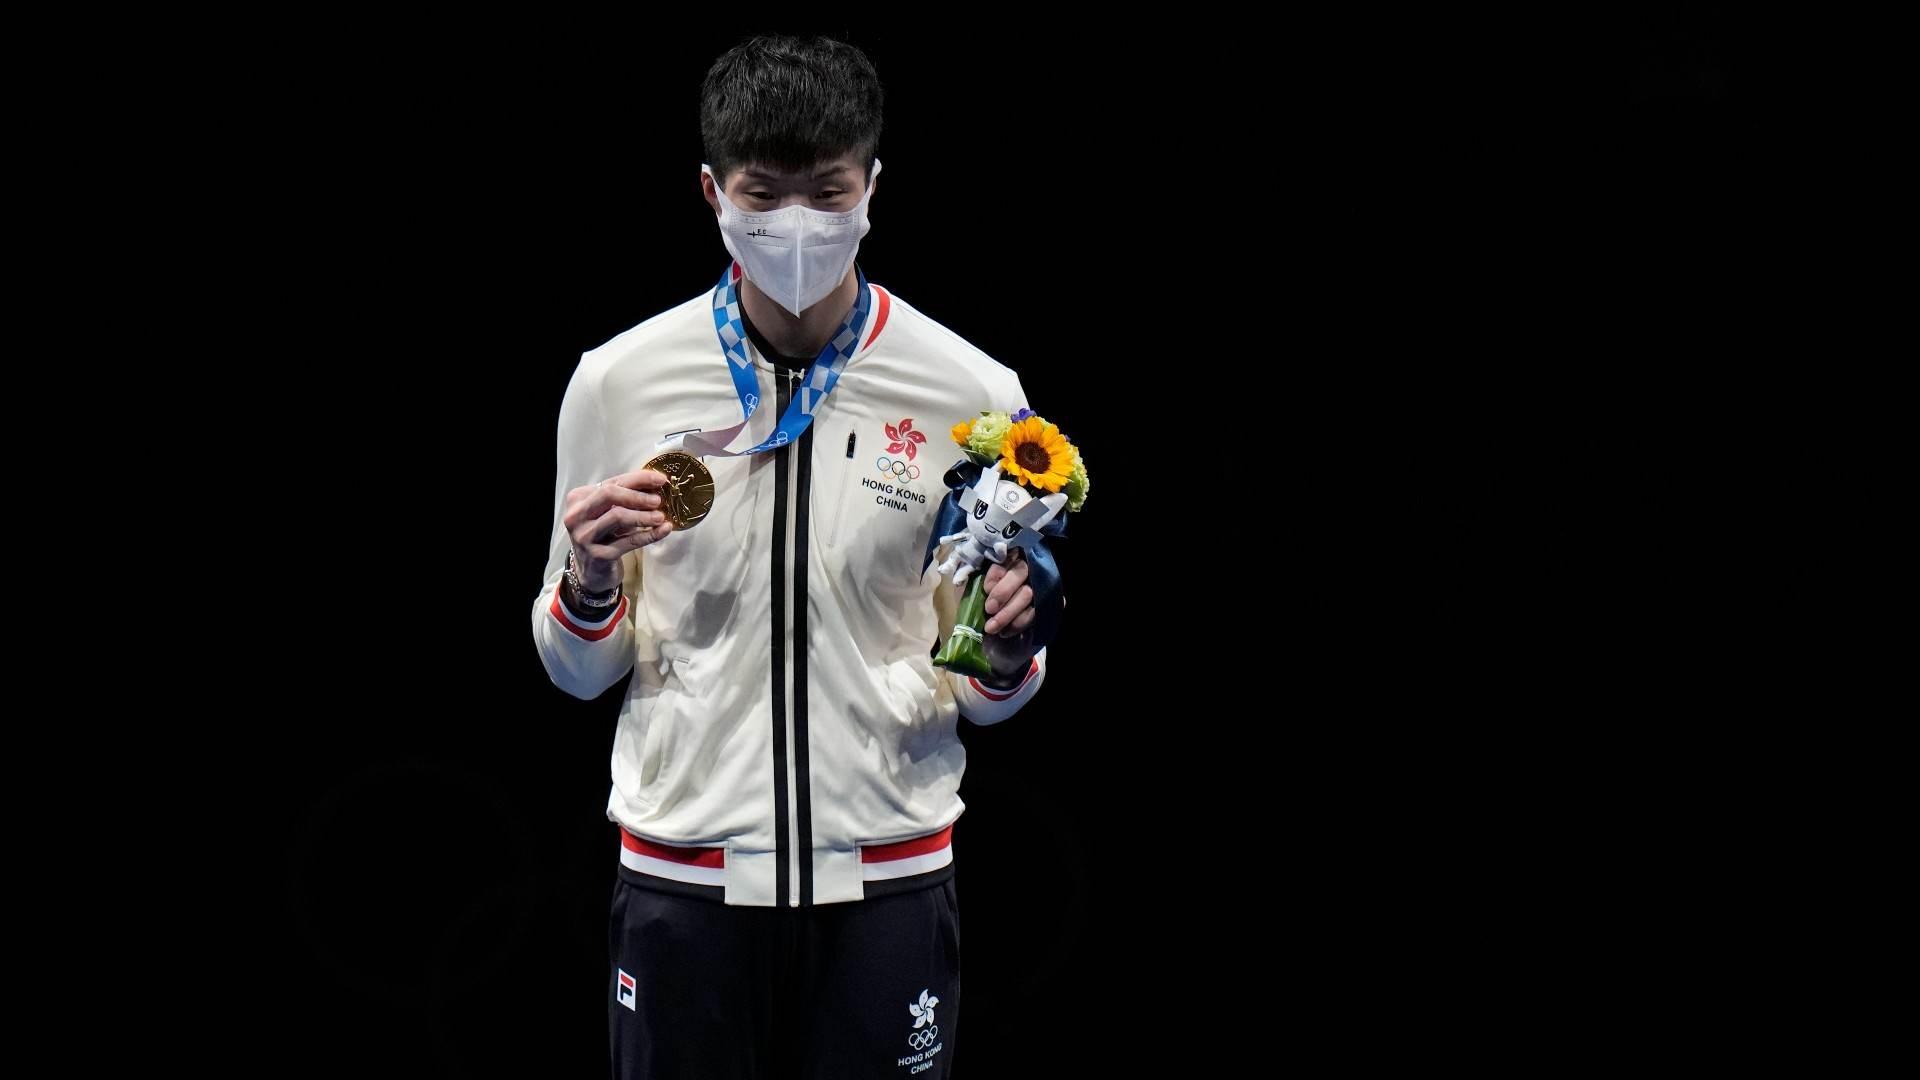 Ka Long Cheung, de Hong Kong, ouro na final individual masculina da esgrima